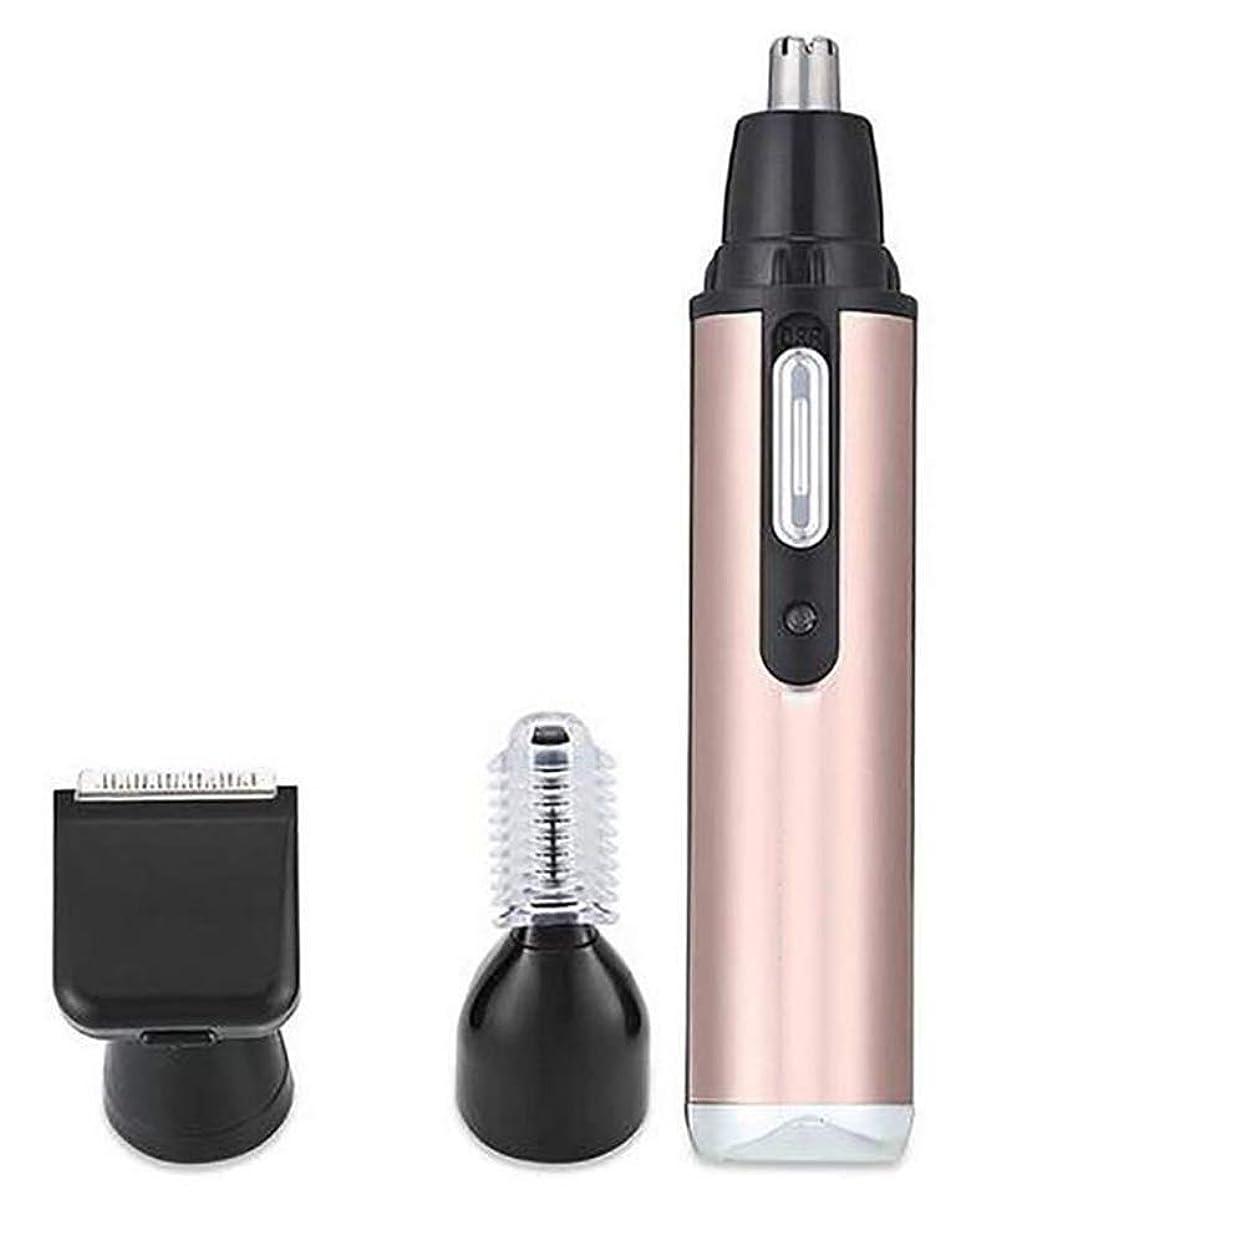 多機能電動鼻トリマー 3 1 電気 Vibrissae デバイスクリーナーシェービングと脱毛かみそり